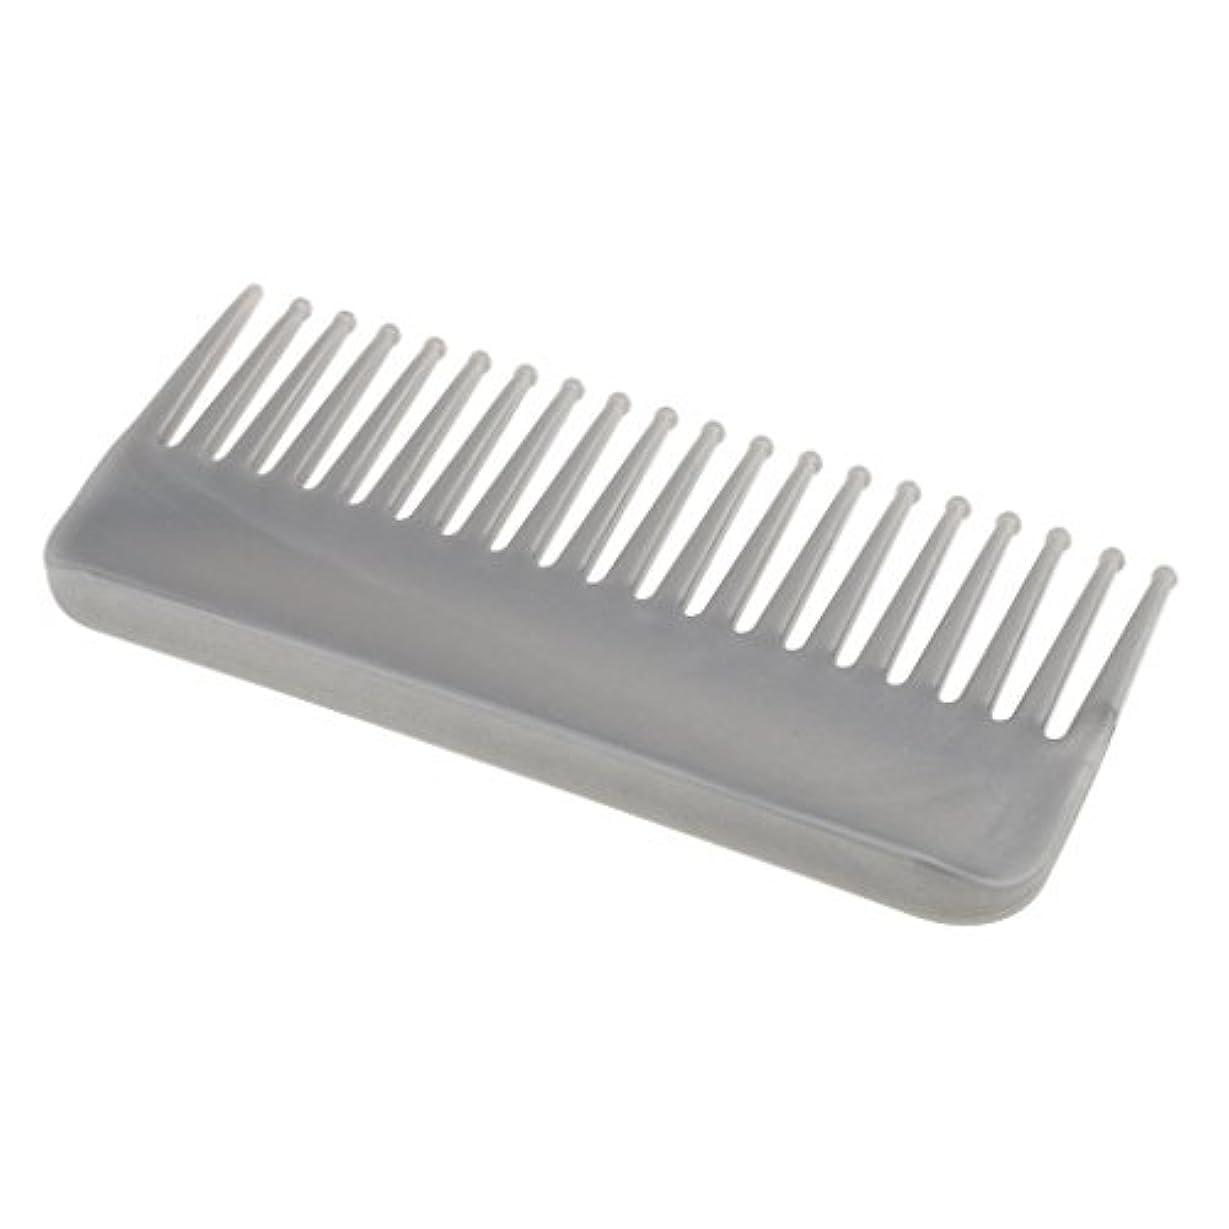 融合ポケット風が強いプラスチック製の絡みのない広い歯のヘアブラシサロンヘアケアマッサージツール